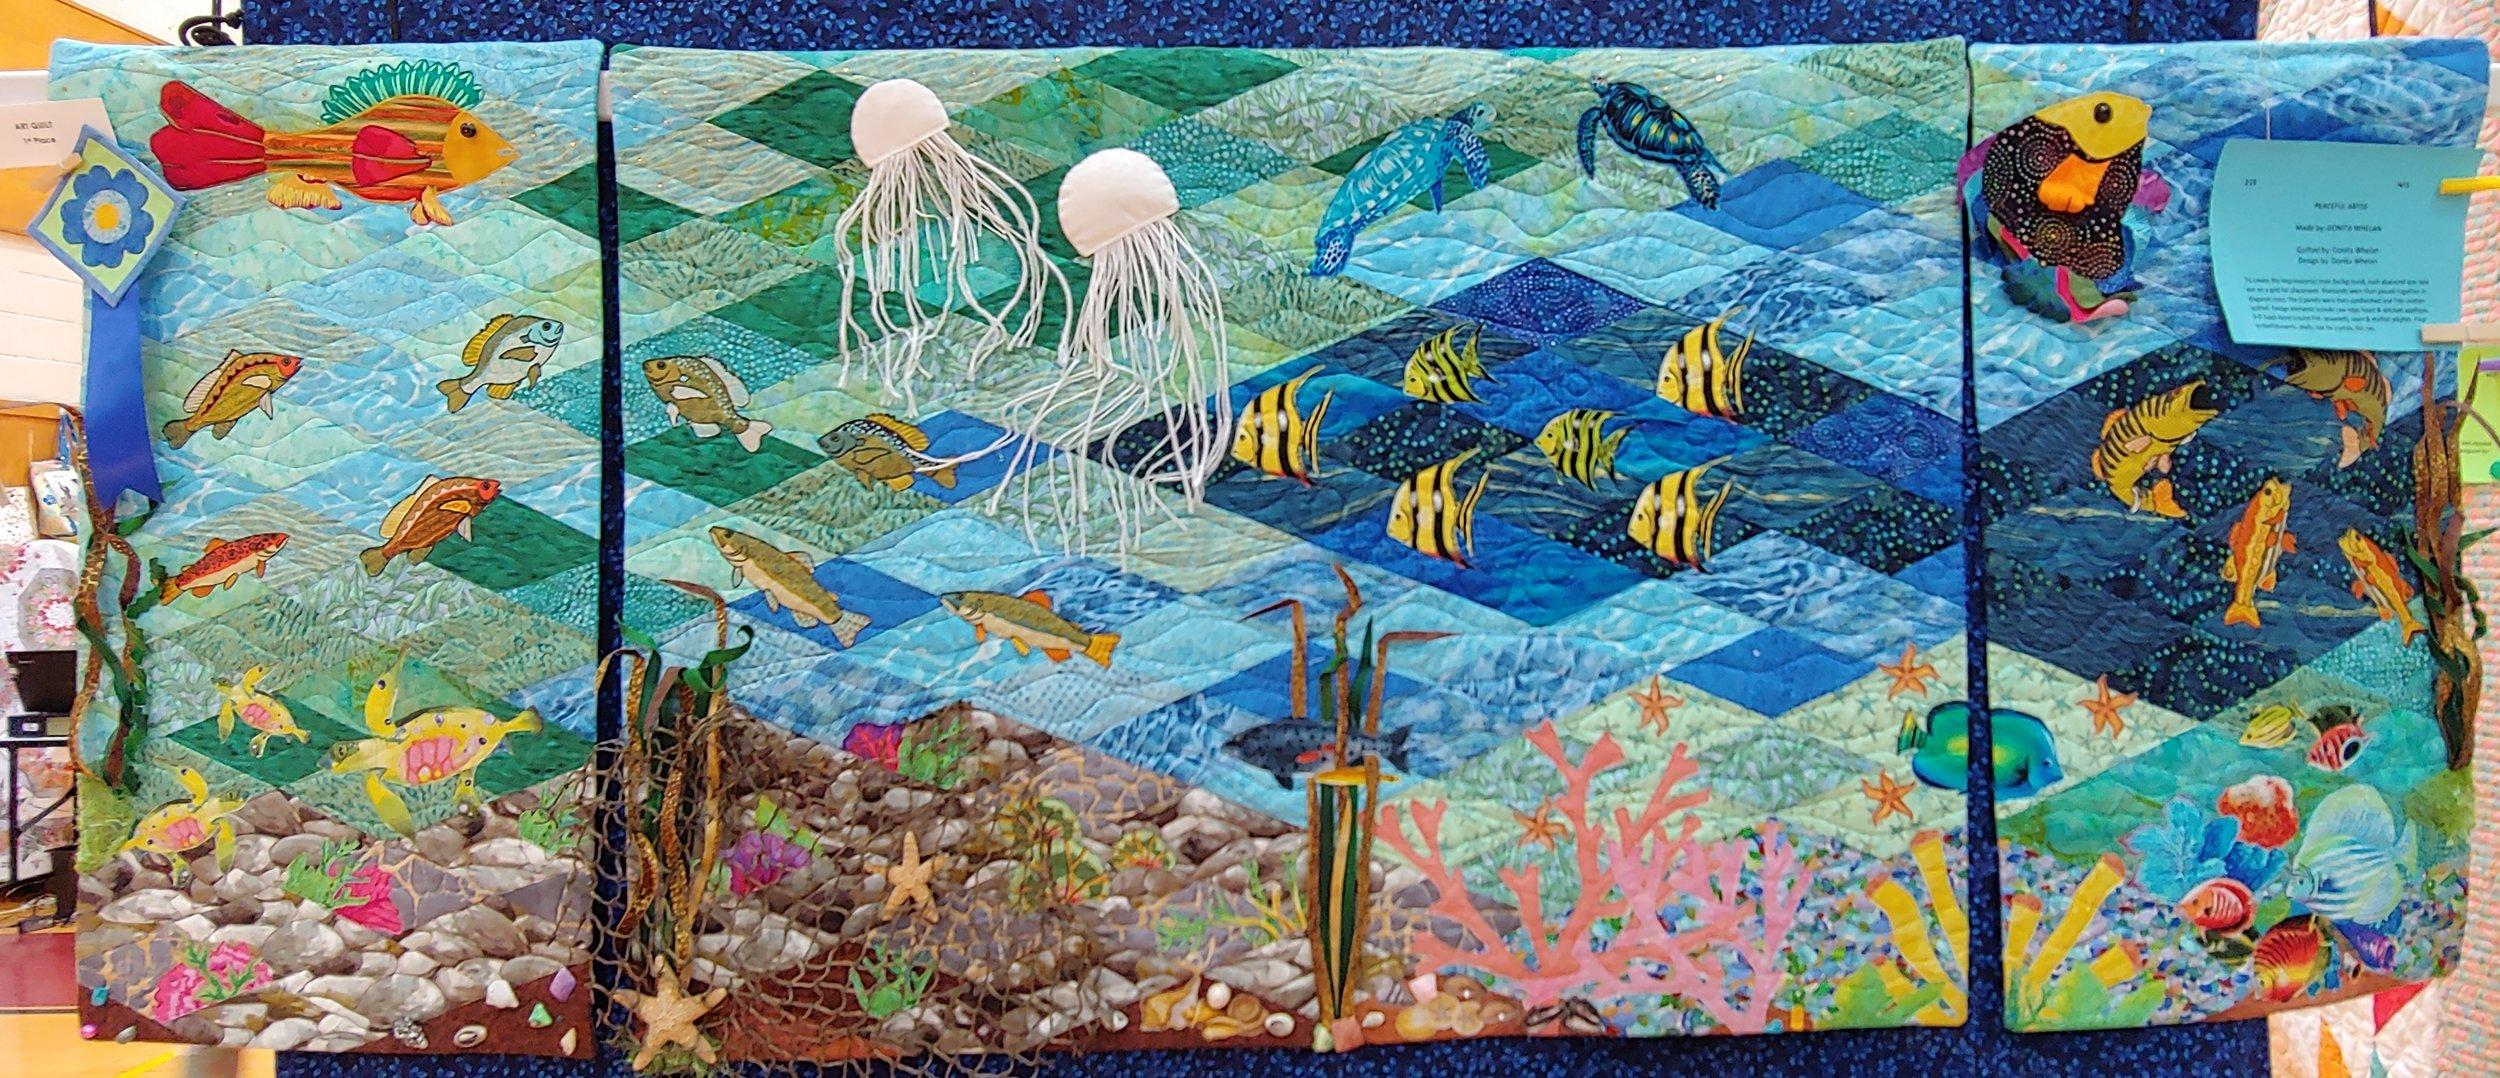 1st Prize Art Quilt